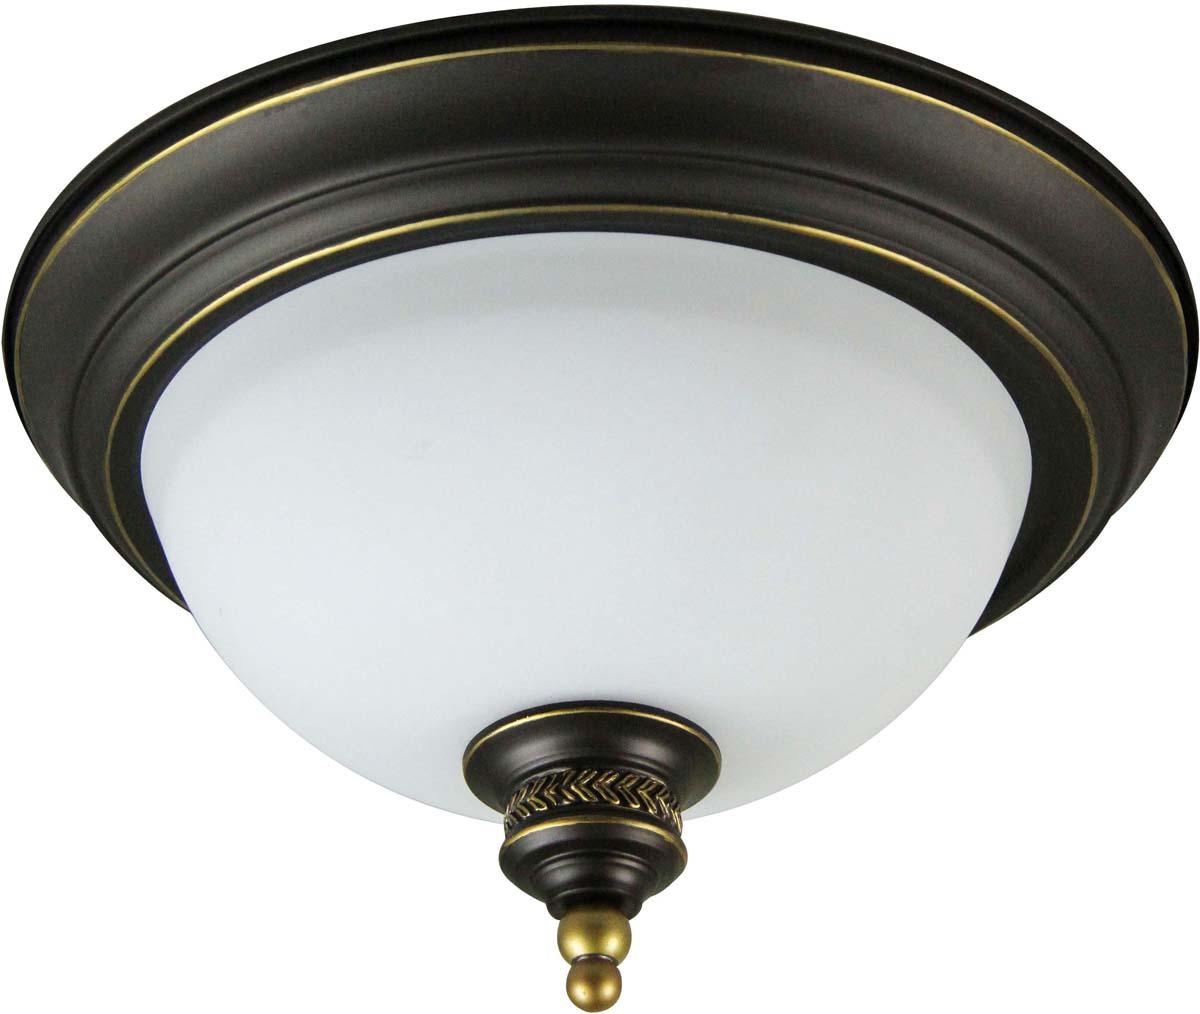 Светильник потолочный Arte Lamp Bonito, 2 х E27, 40 W. A9518PL-2BA arte lamp подвесной светильник arte lamp bonito a9518sp 3ba